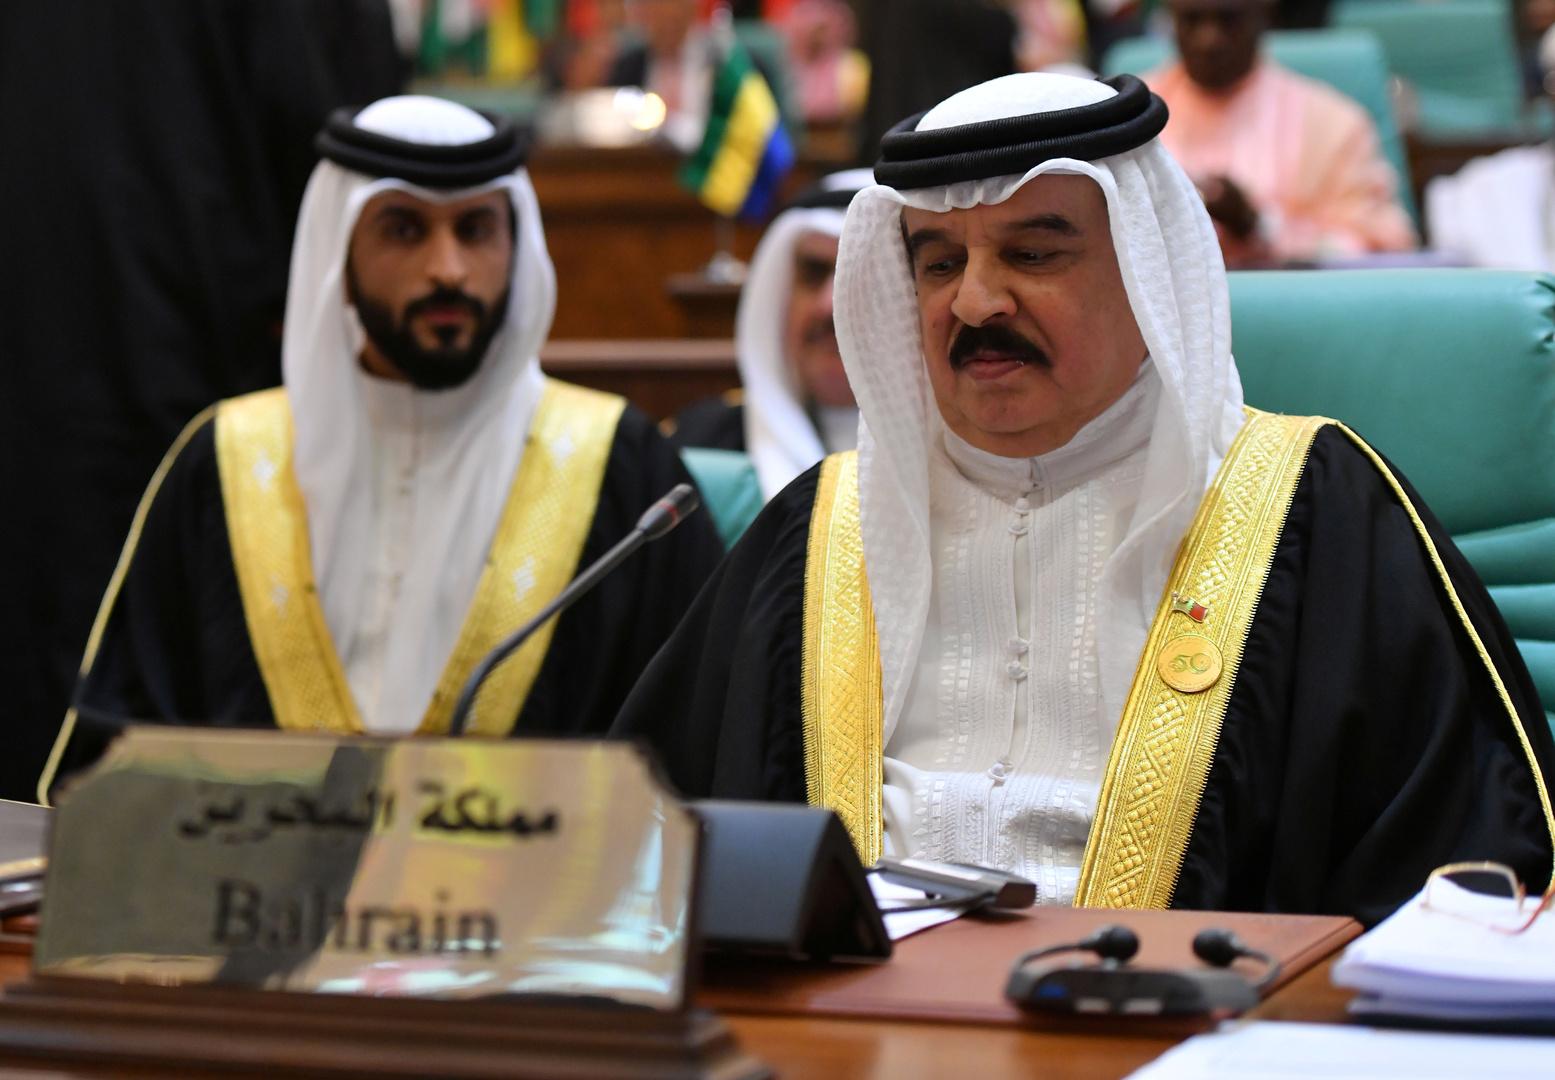 العاهل البحريني، الملك حمد بن عيسى آل خليفة.